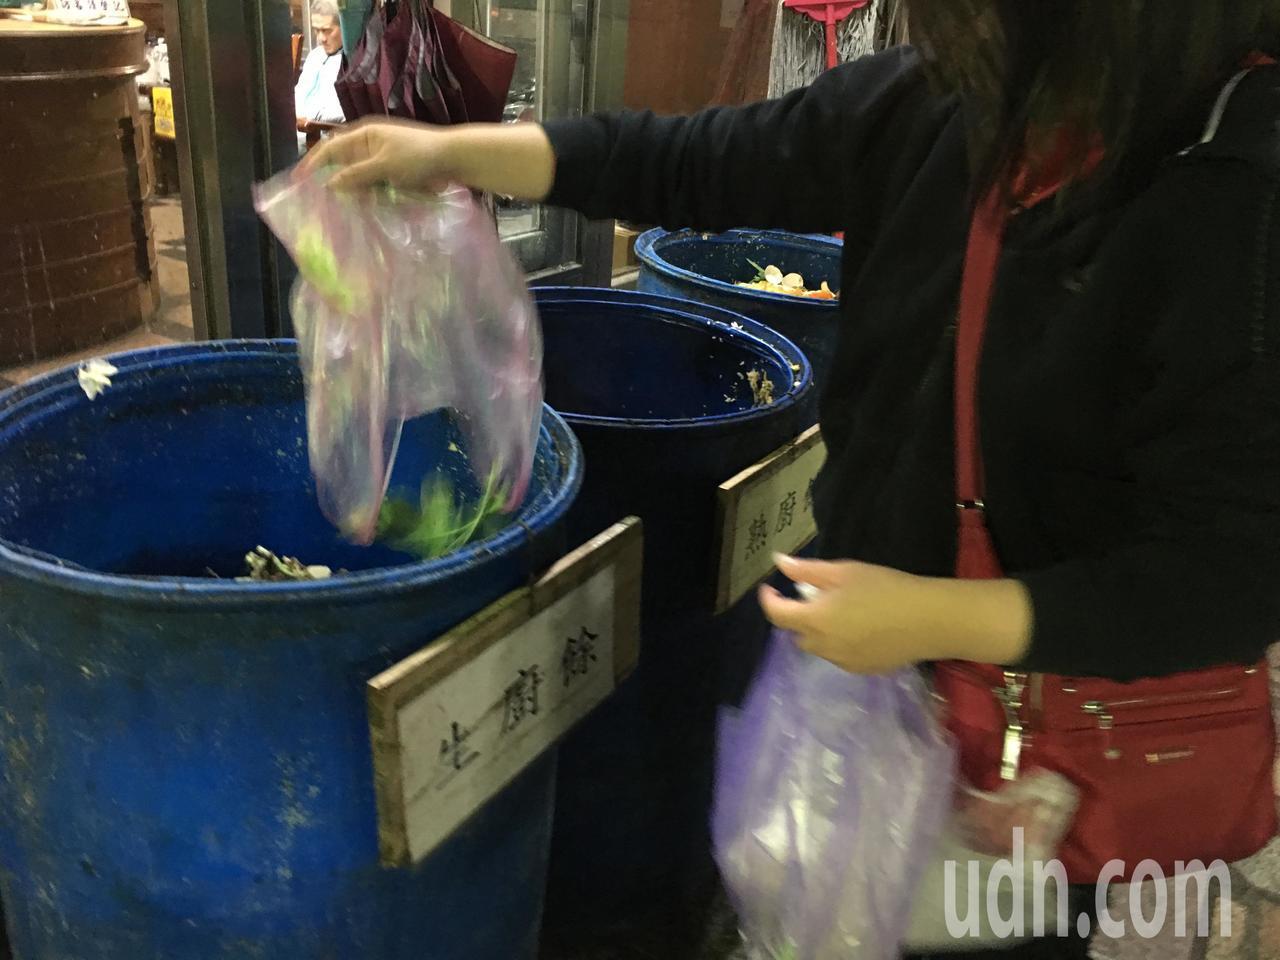 許多民眾愛拿塑膠袋裝廚餘再丟棄。記者陳秋雲/攝影